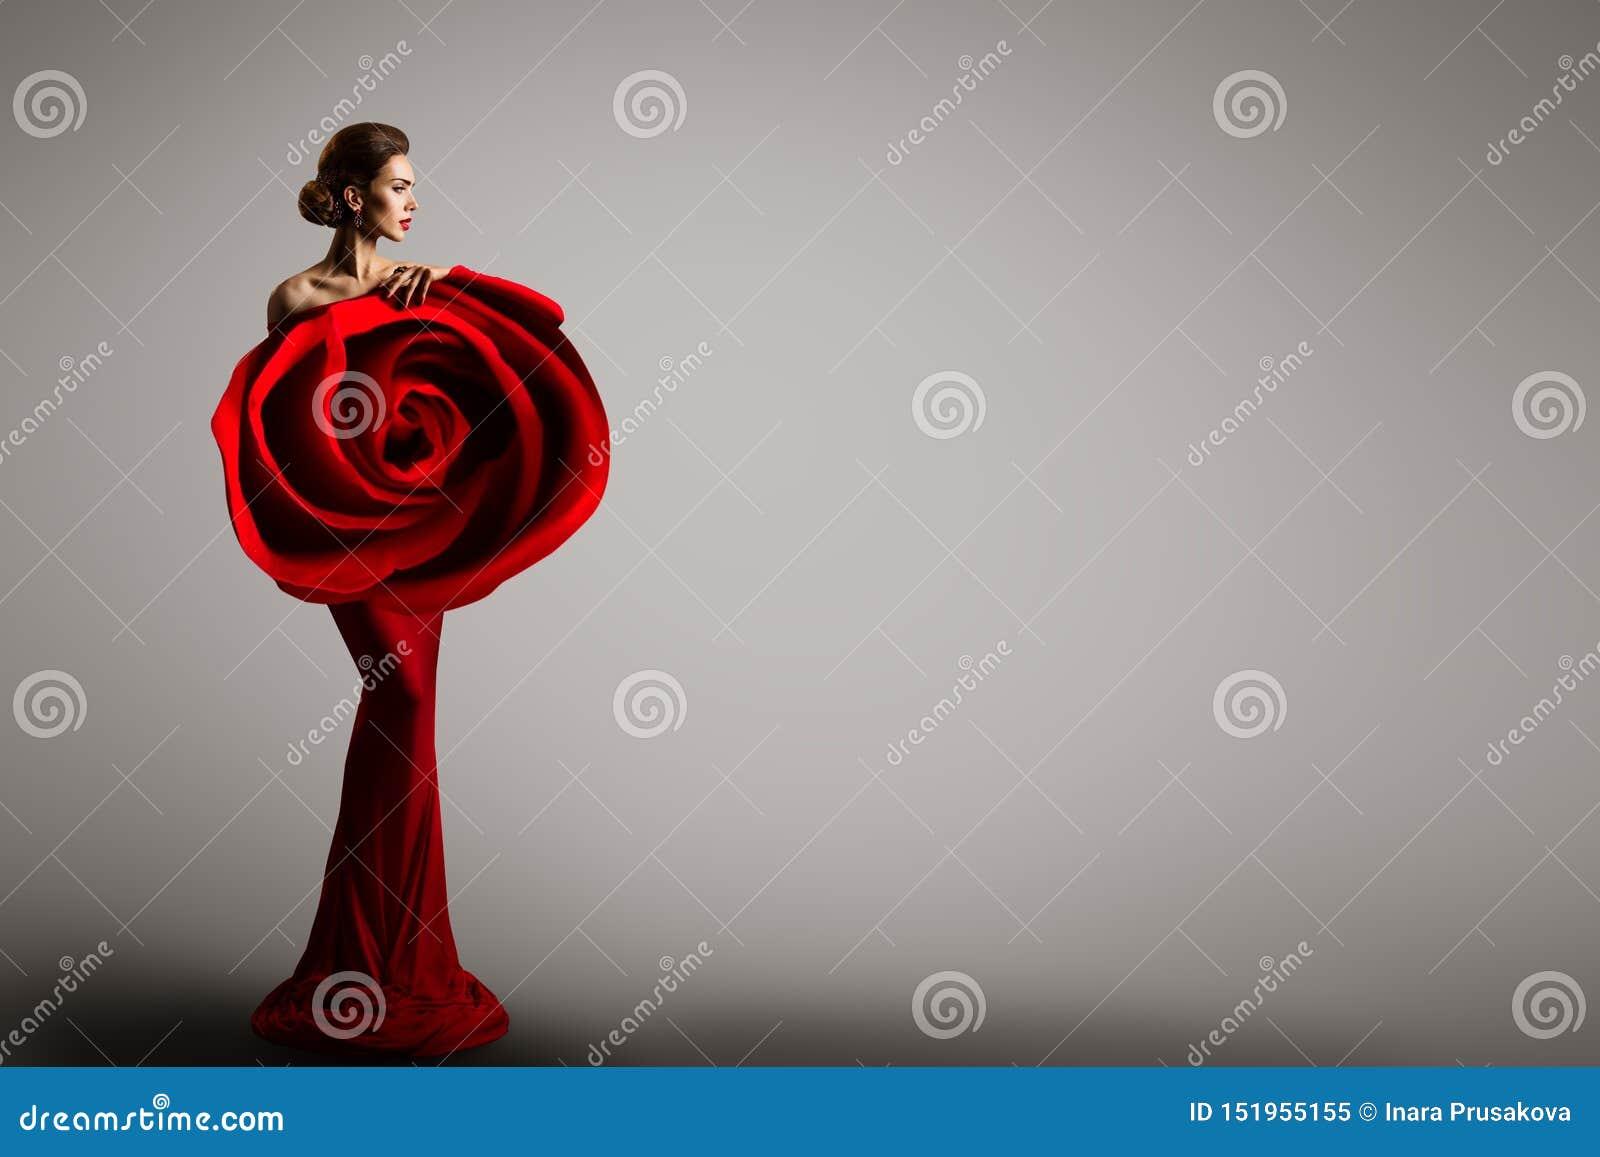 Mannequin Rose Flower Dress, femme élégante Art Gown rouge, portrait de beauté